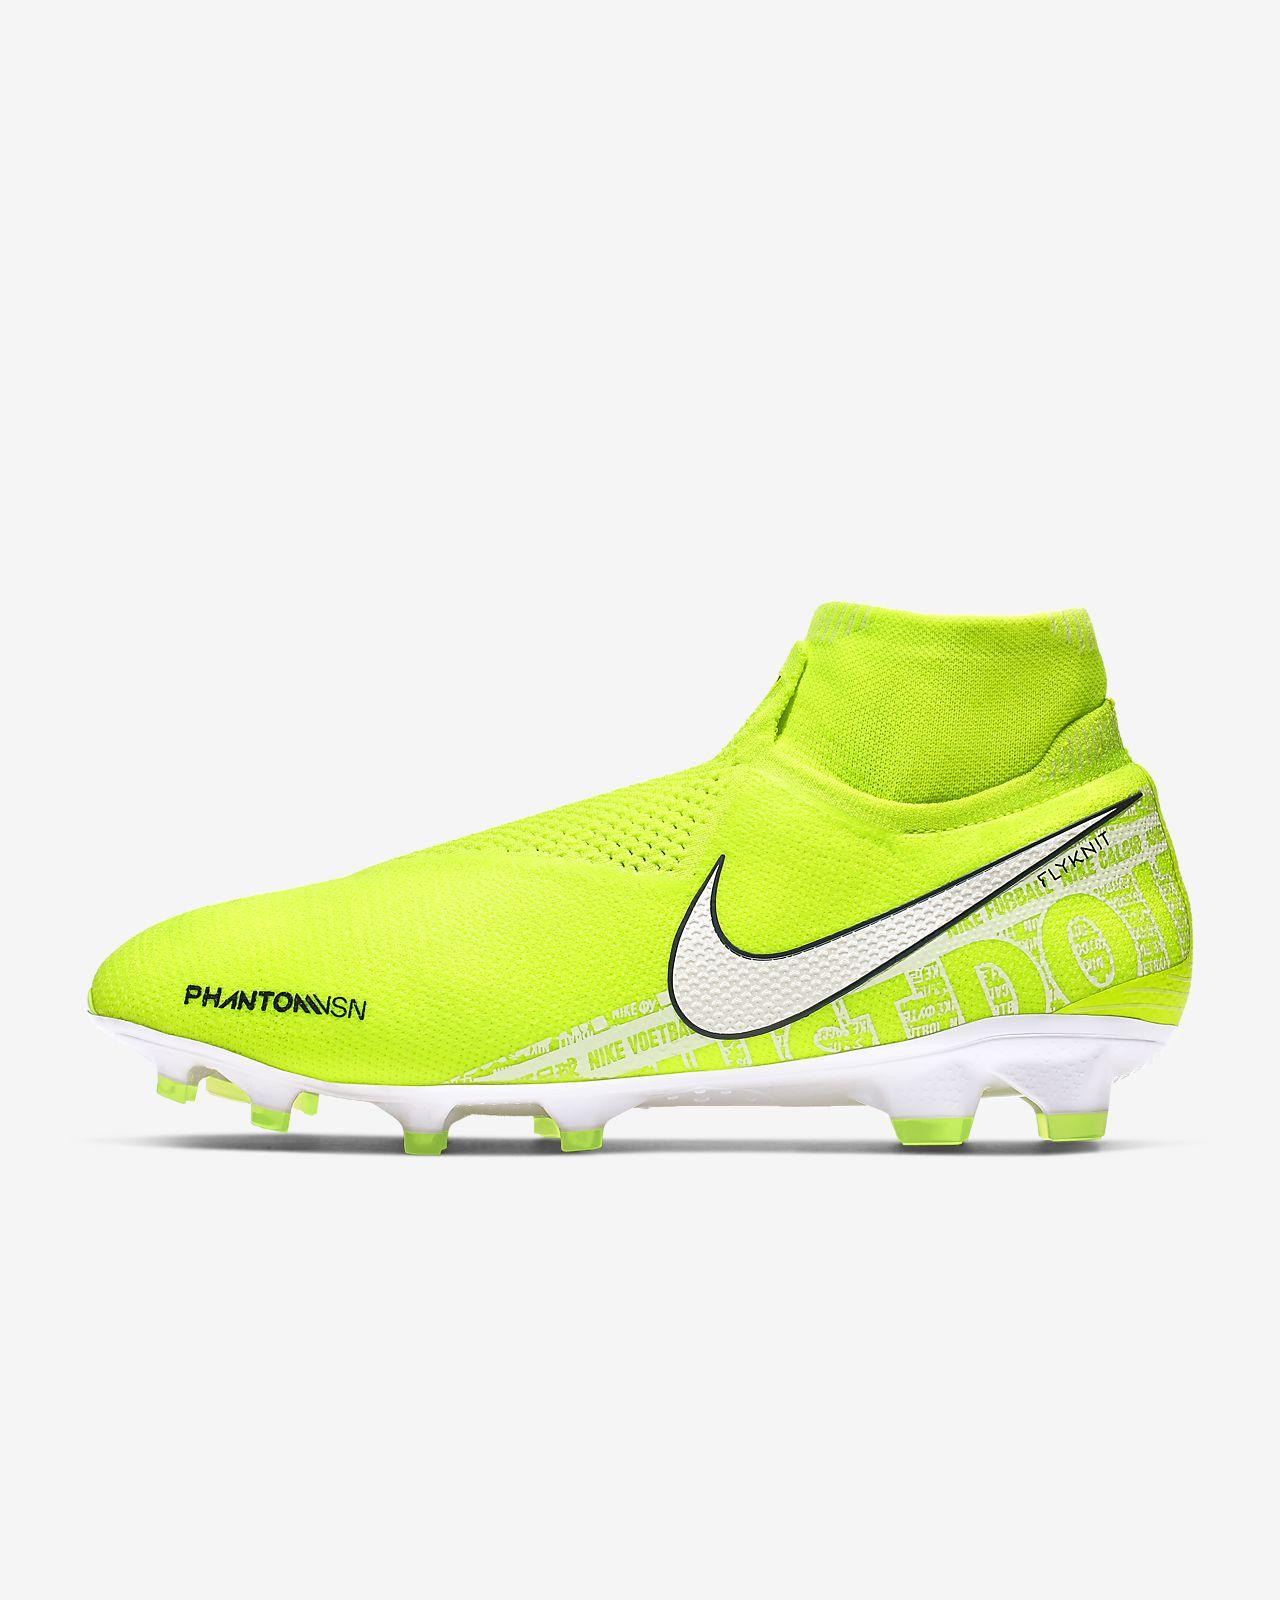 Ποδοσφαιρικό παπούτσι για σκληρές επιφάνειες Nike Phantom Vision Elite Dynamic Fit FG